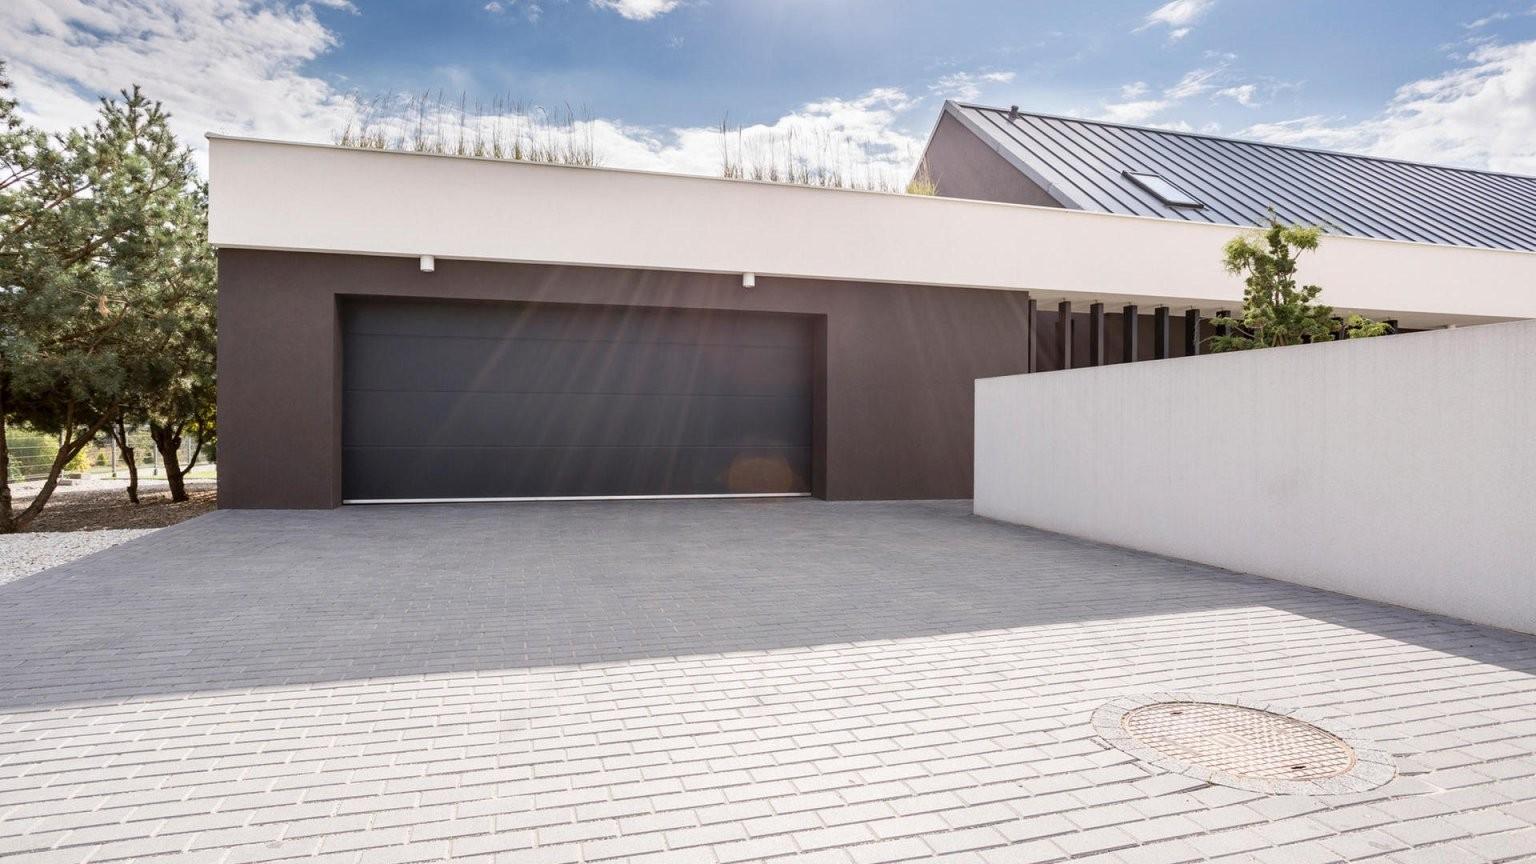 Den Richtigen Bodenbelag Für Die Einfahrt Auswählen von Garagenzufahrt Gestalten Mit Kies Oder Schotter Bild